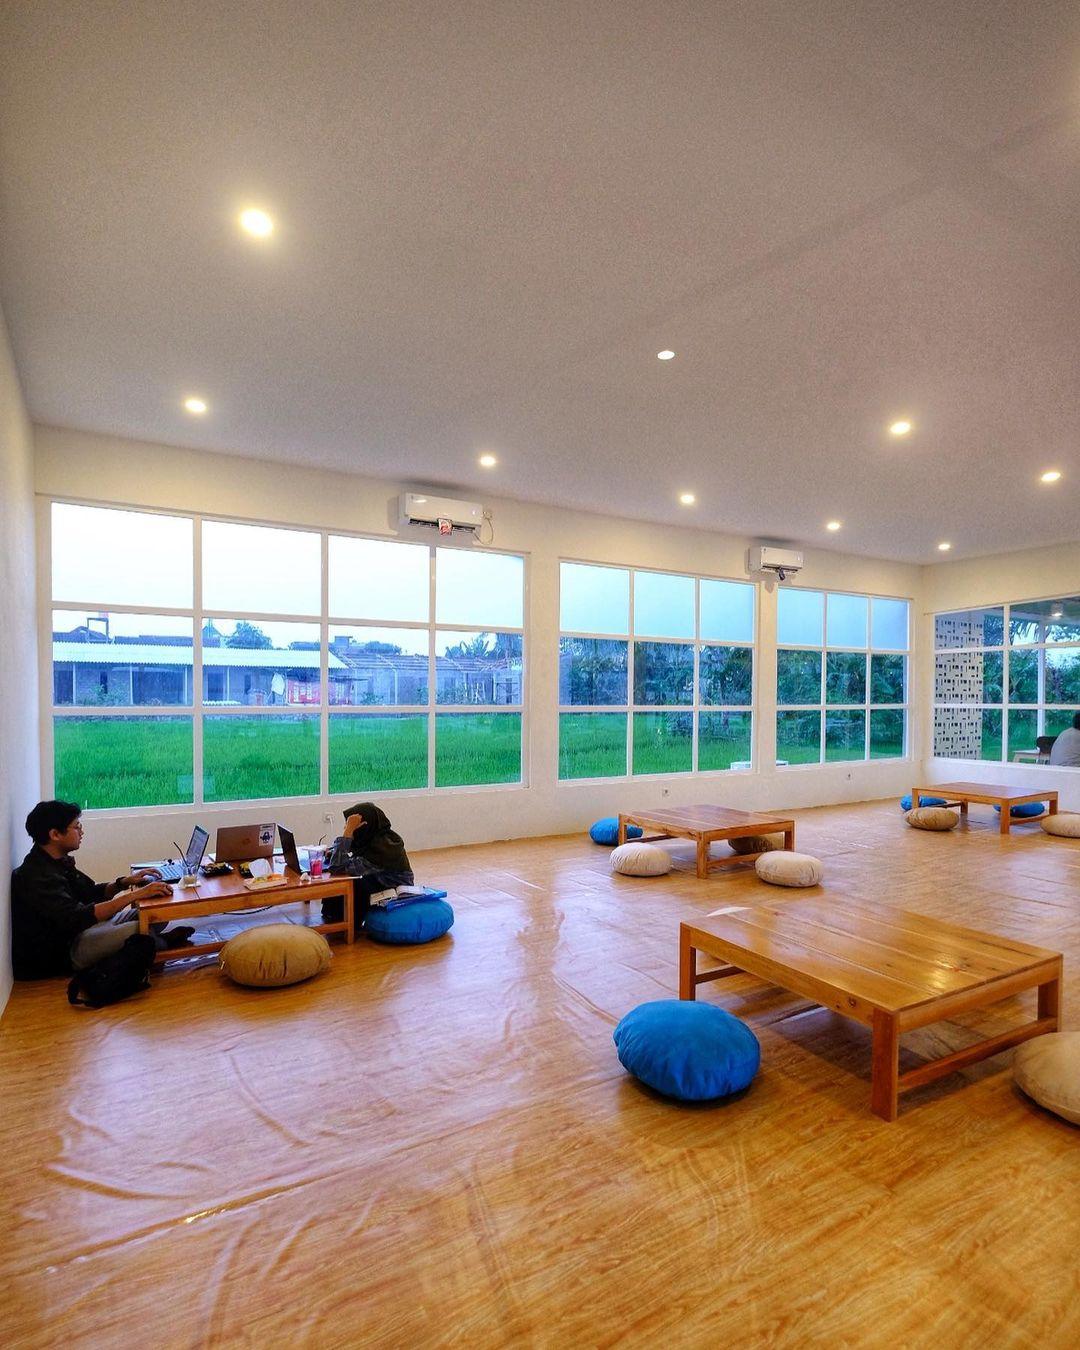 Area Lesehan Nilu Kopi Jogja Image From @jogja24jam